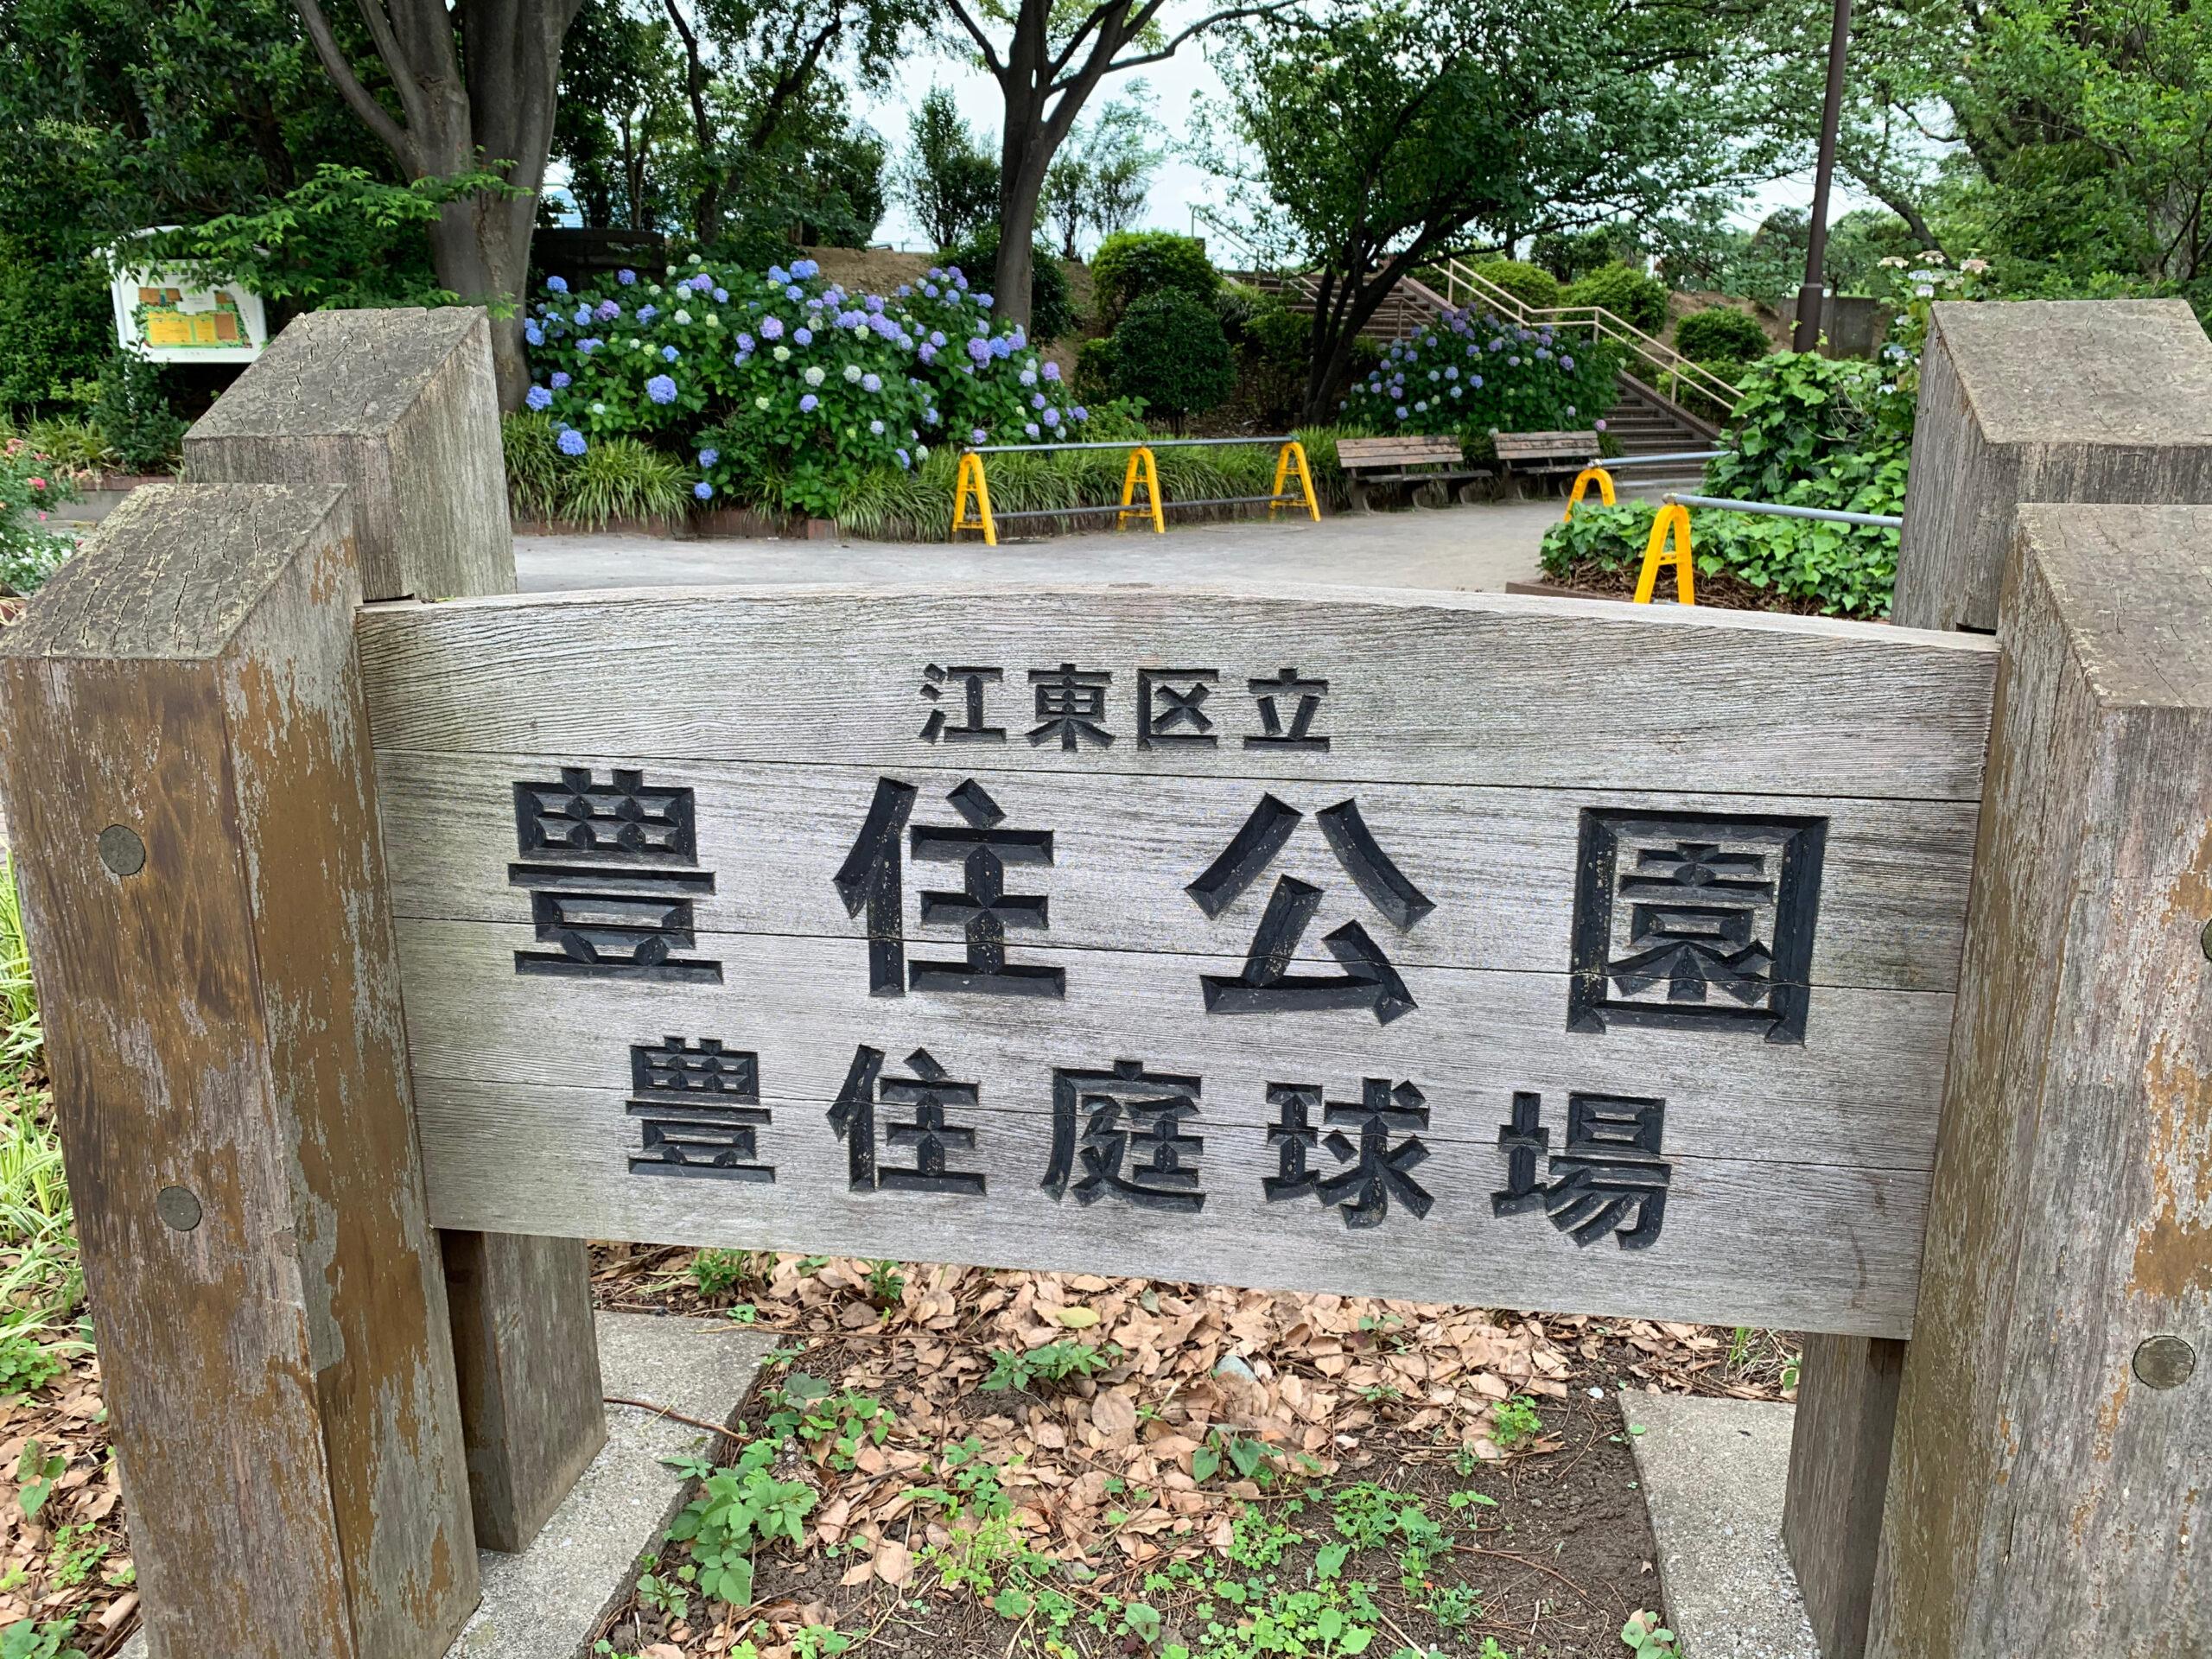 江東区立豊住公園周辺では、ランをしながら季節の花を愛でる事ができます